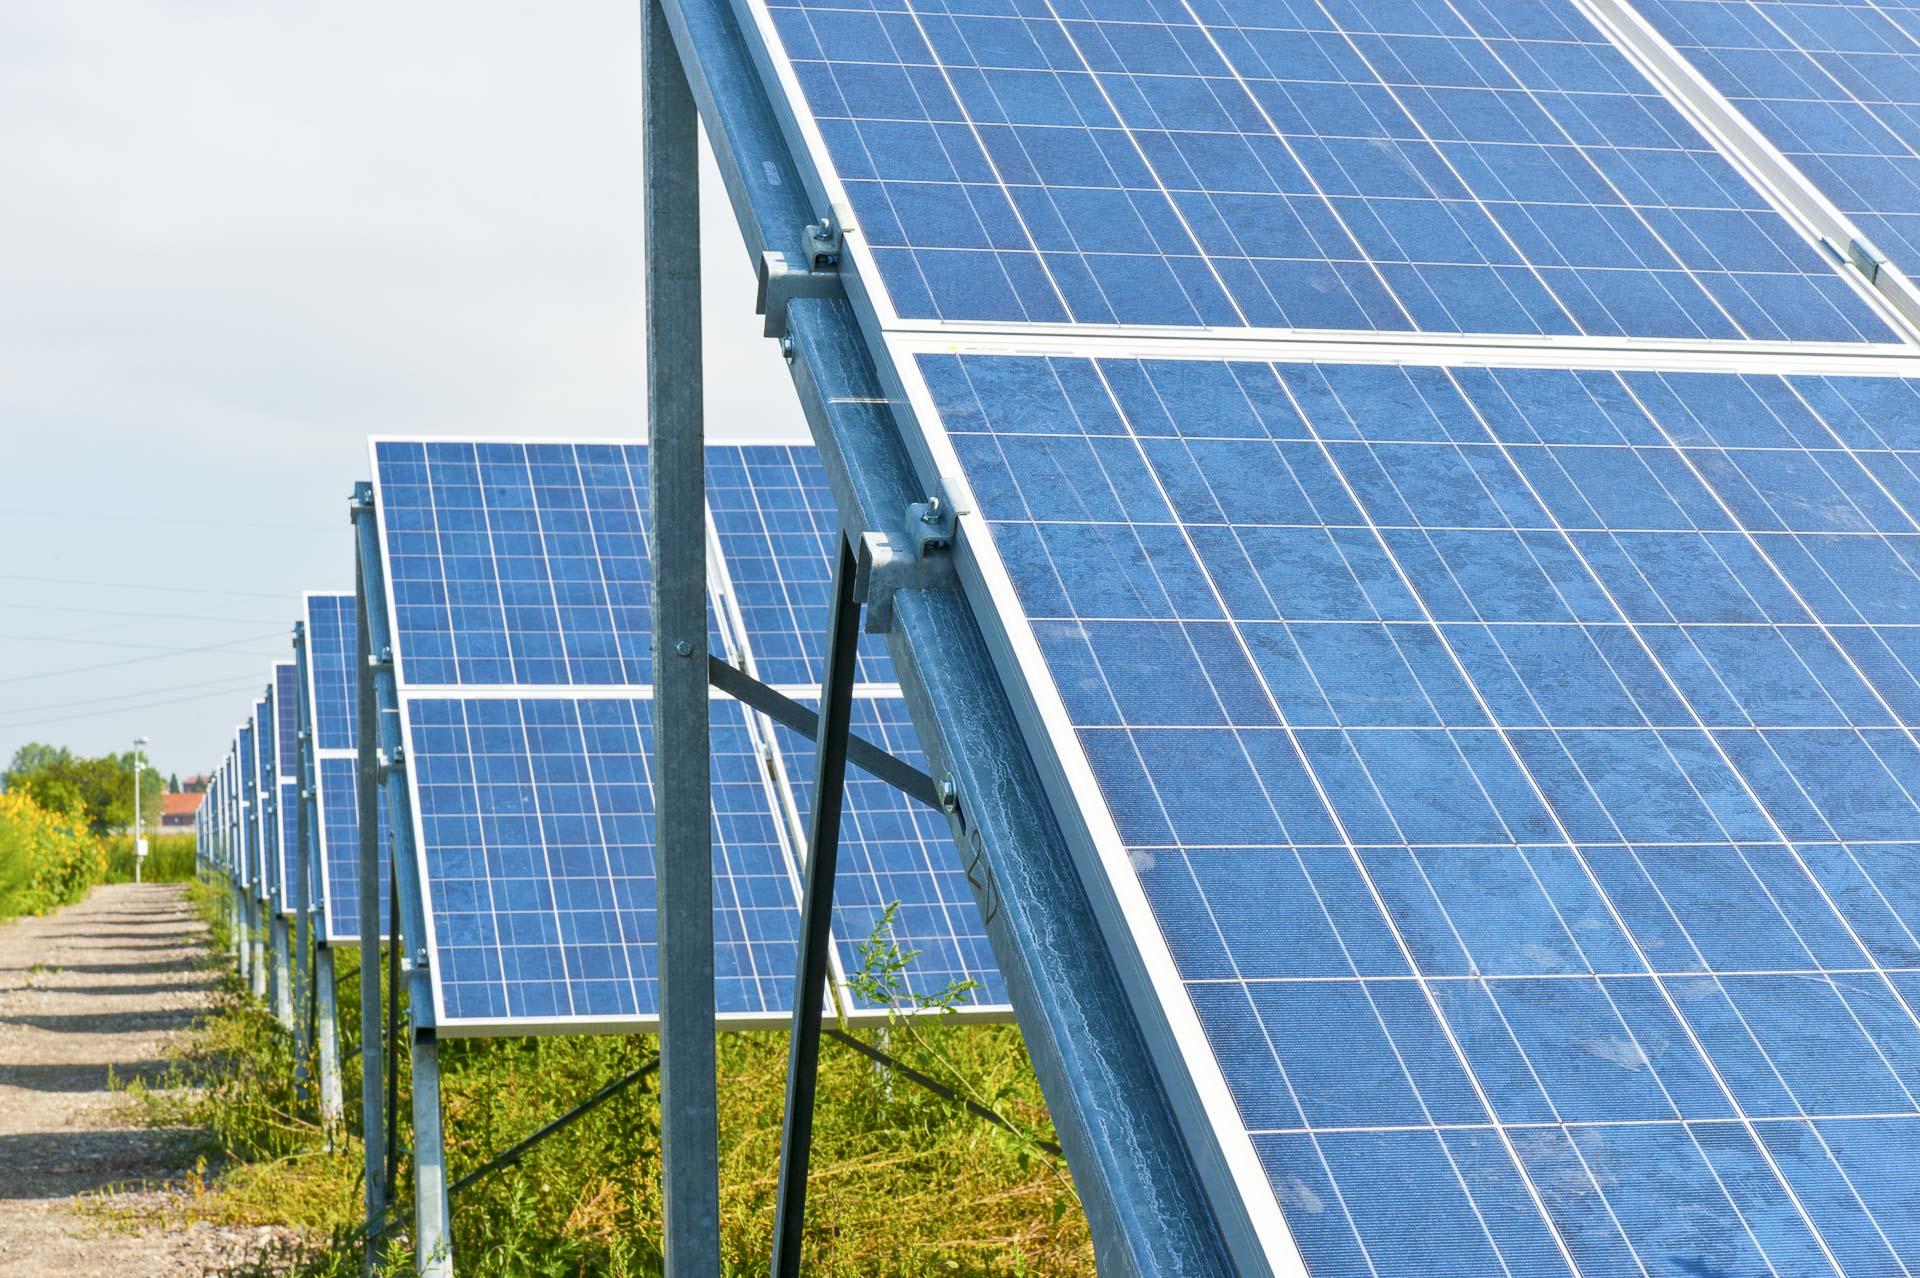 Impianto produzione energia solare fotovoltaica rinnovabile sostenibile CVA Alessandria sud